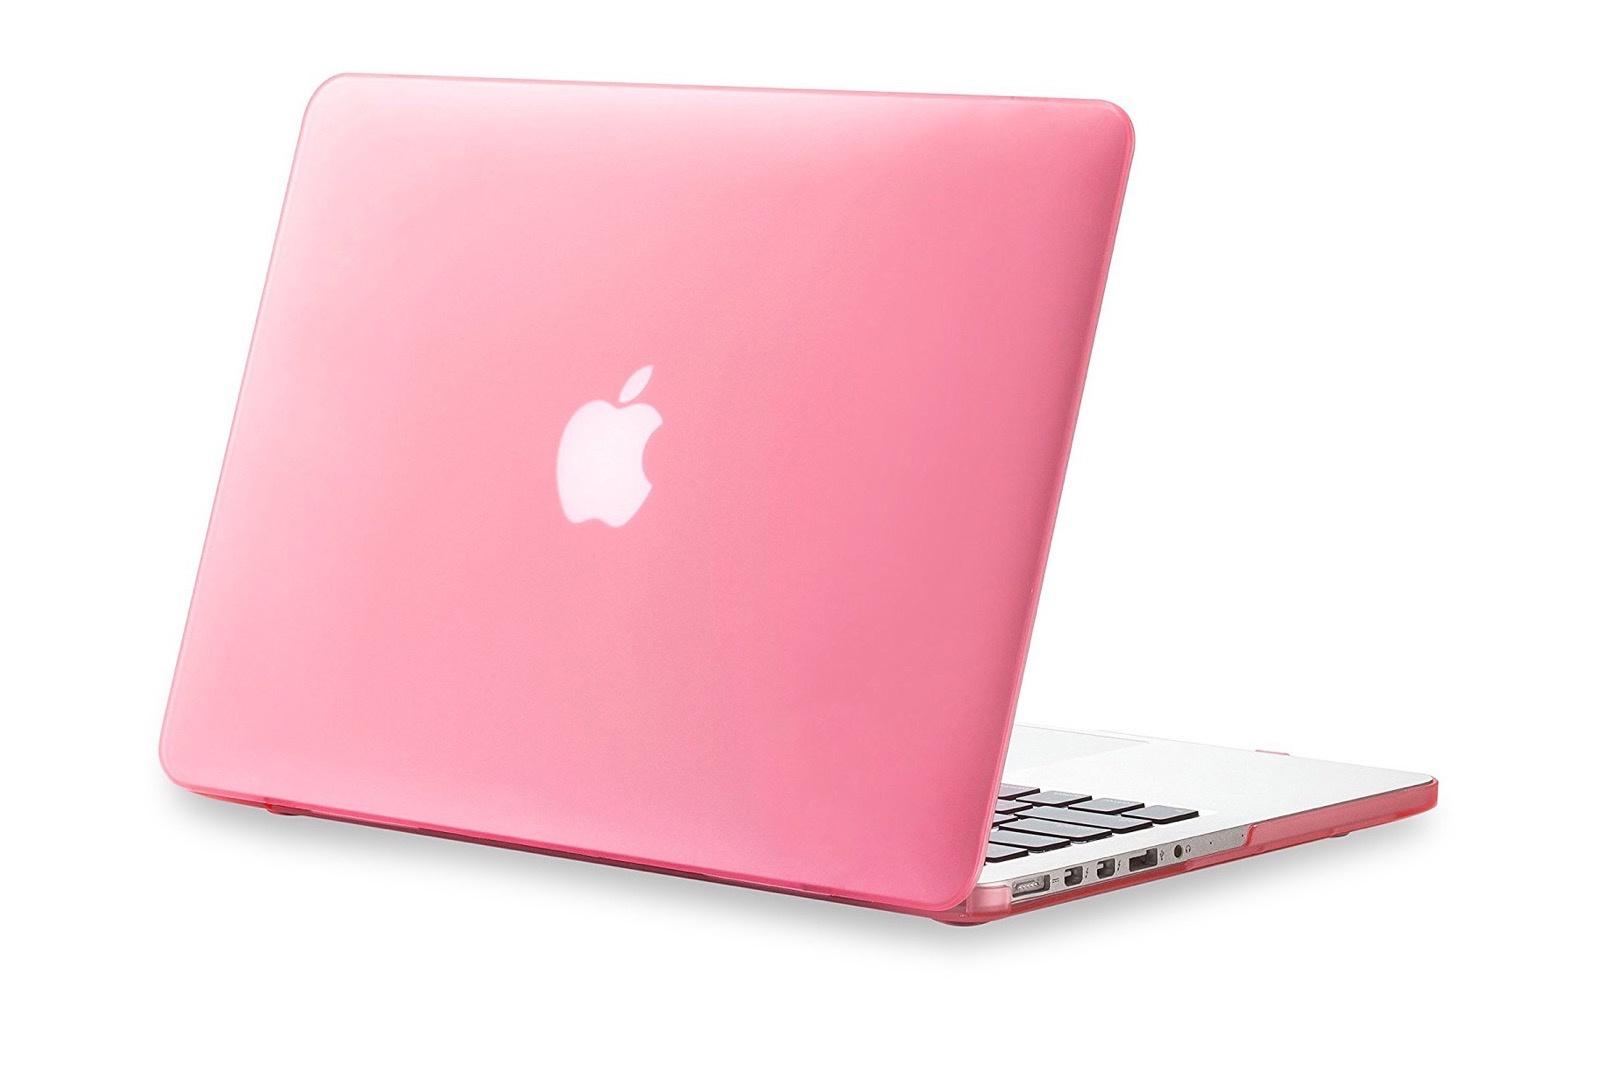 Чехол для ноутбука Gurdini накладка пластик матовый 220112 для Apple MacBook Retina 13